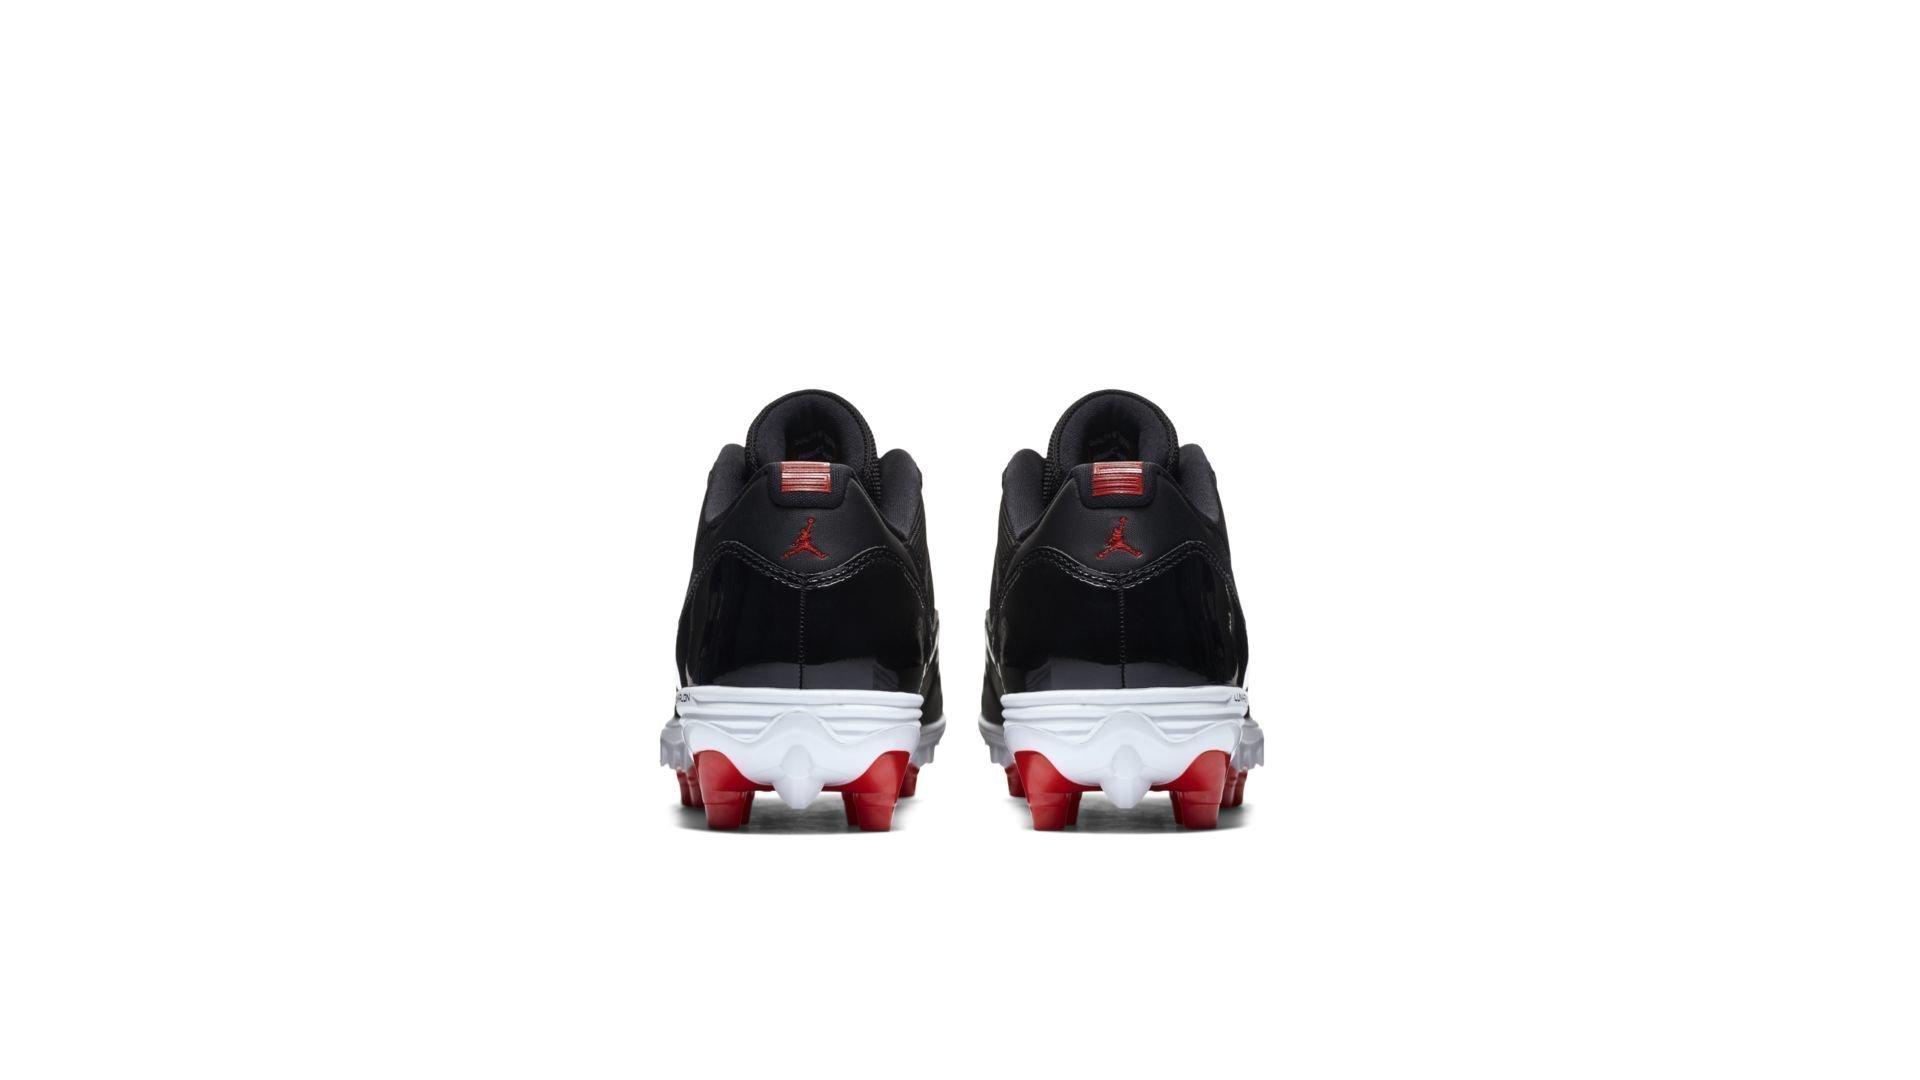 Jordan 11 Retro Low Cleat Bred (AO1560-010)